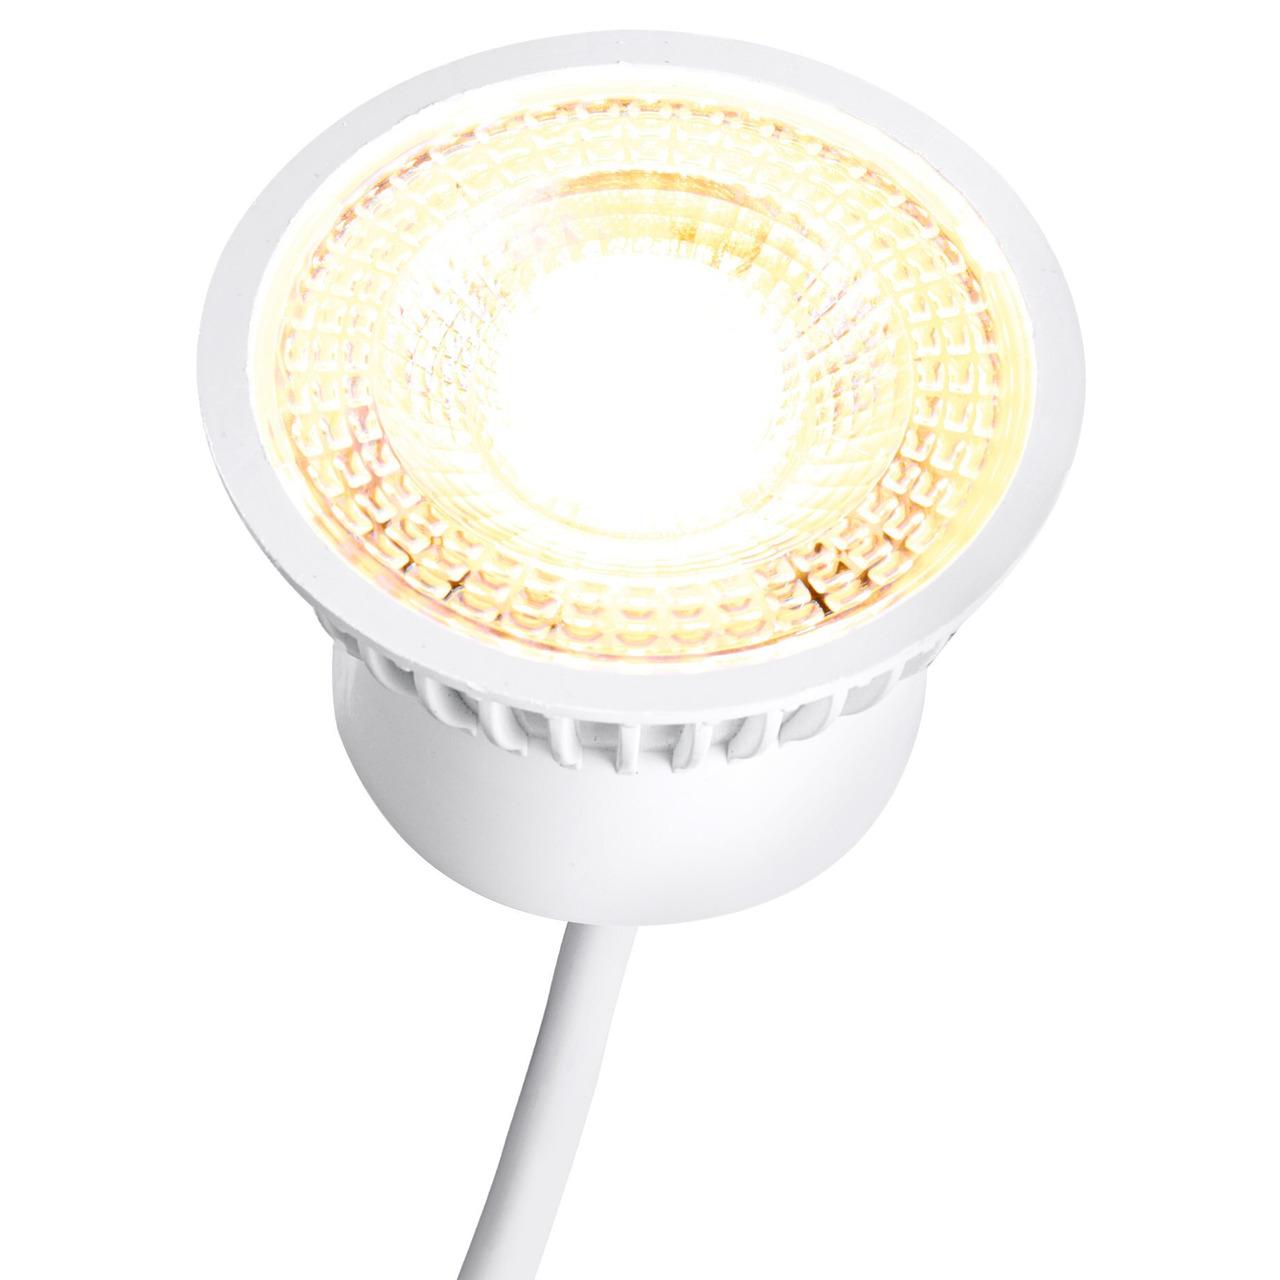 HEITRONIC 5-W-LED-Modul für Standard-GU10-GU5-3-Fassungen- 3fach dimmbar per Lichtschalter- warmweiss